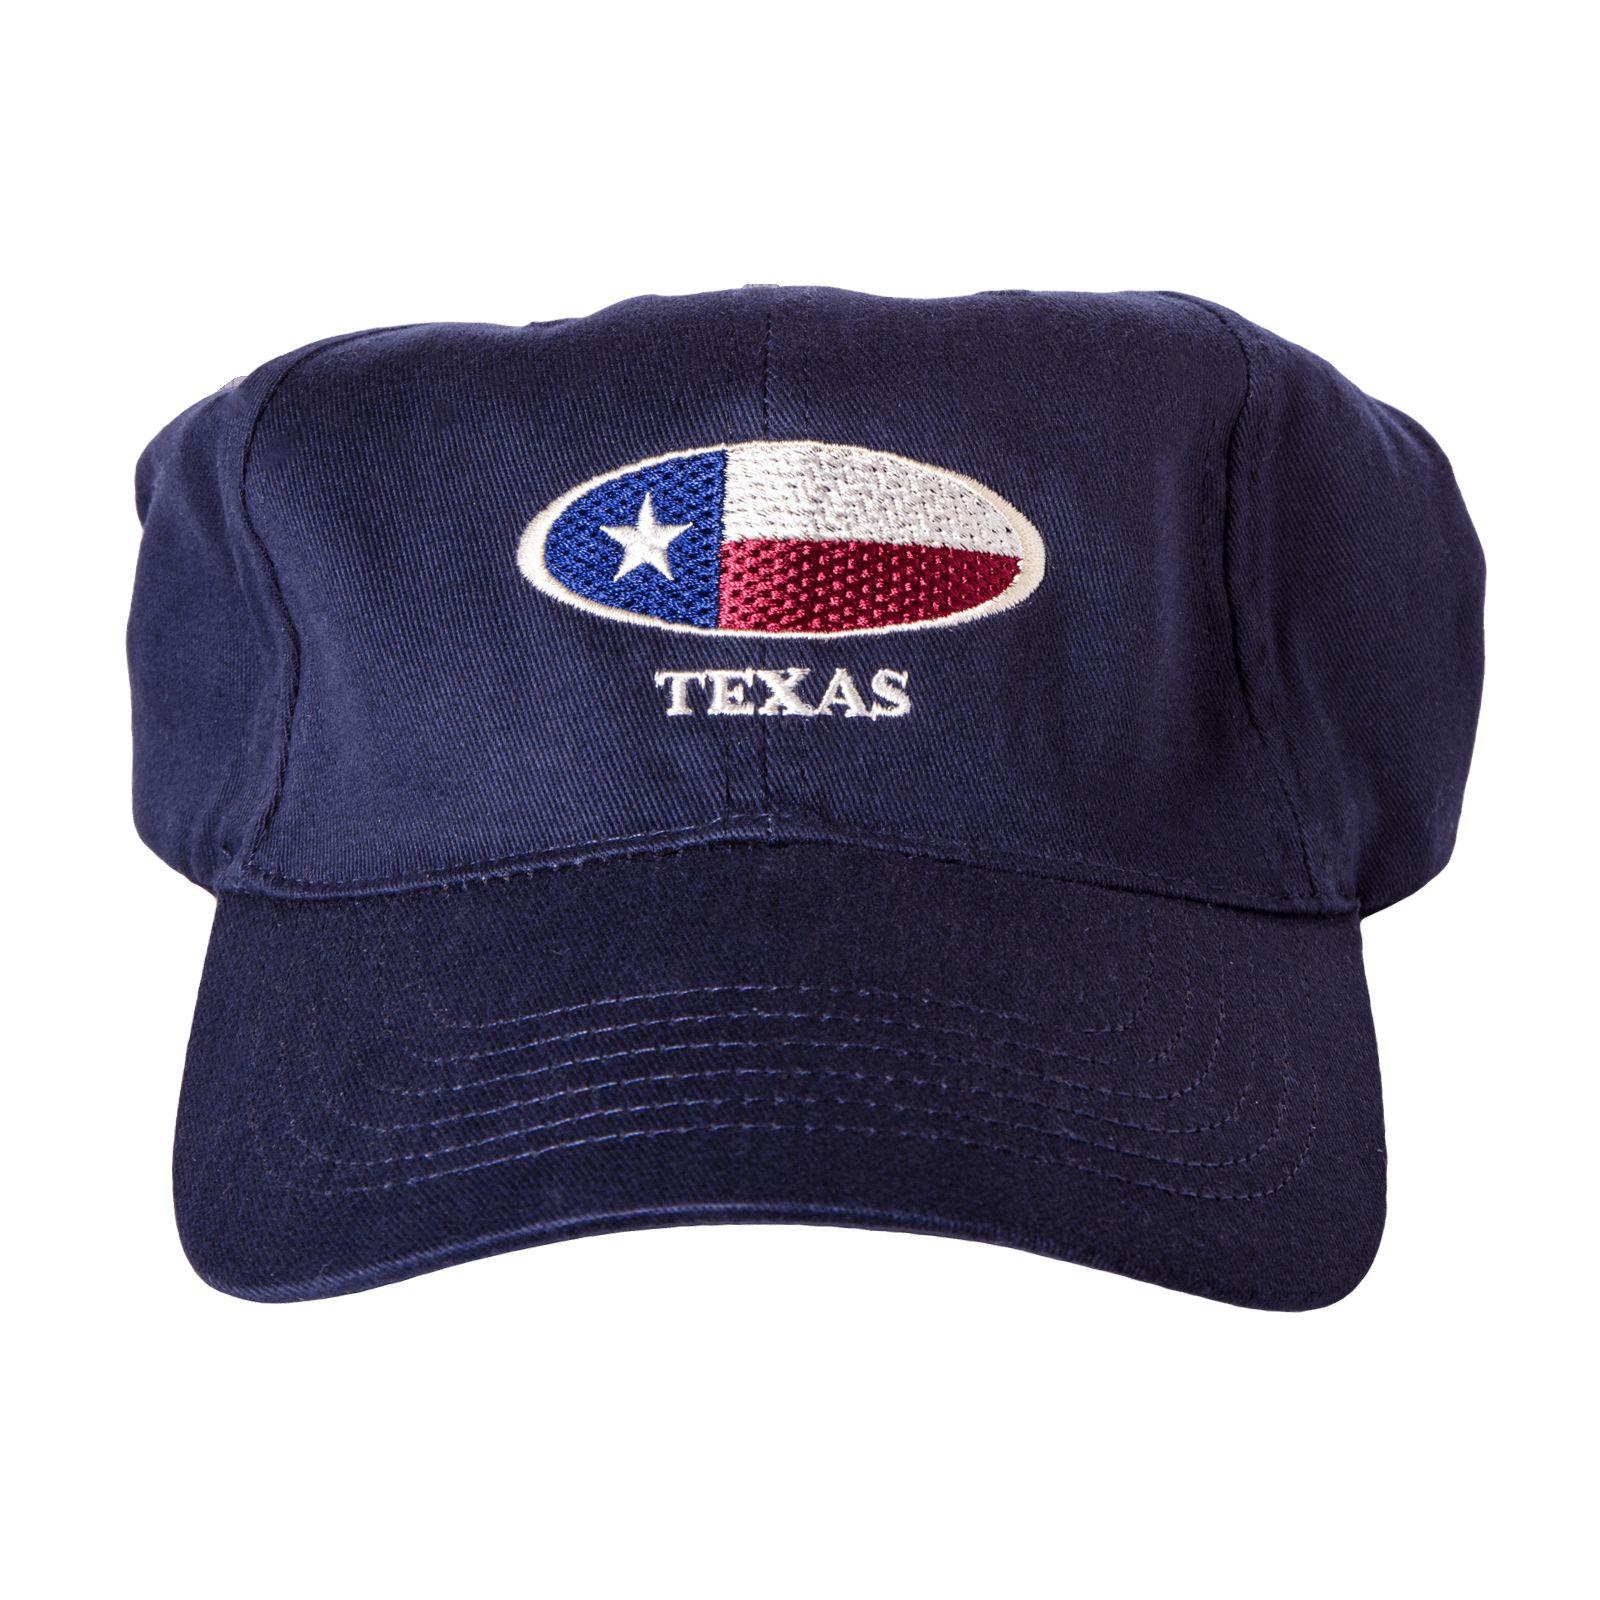 Oval Texas Flag Baseball Cap